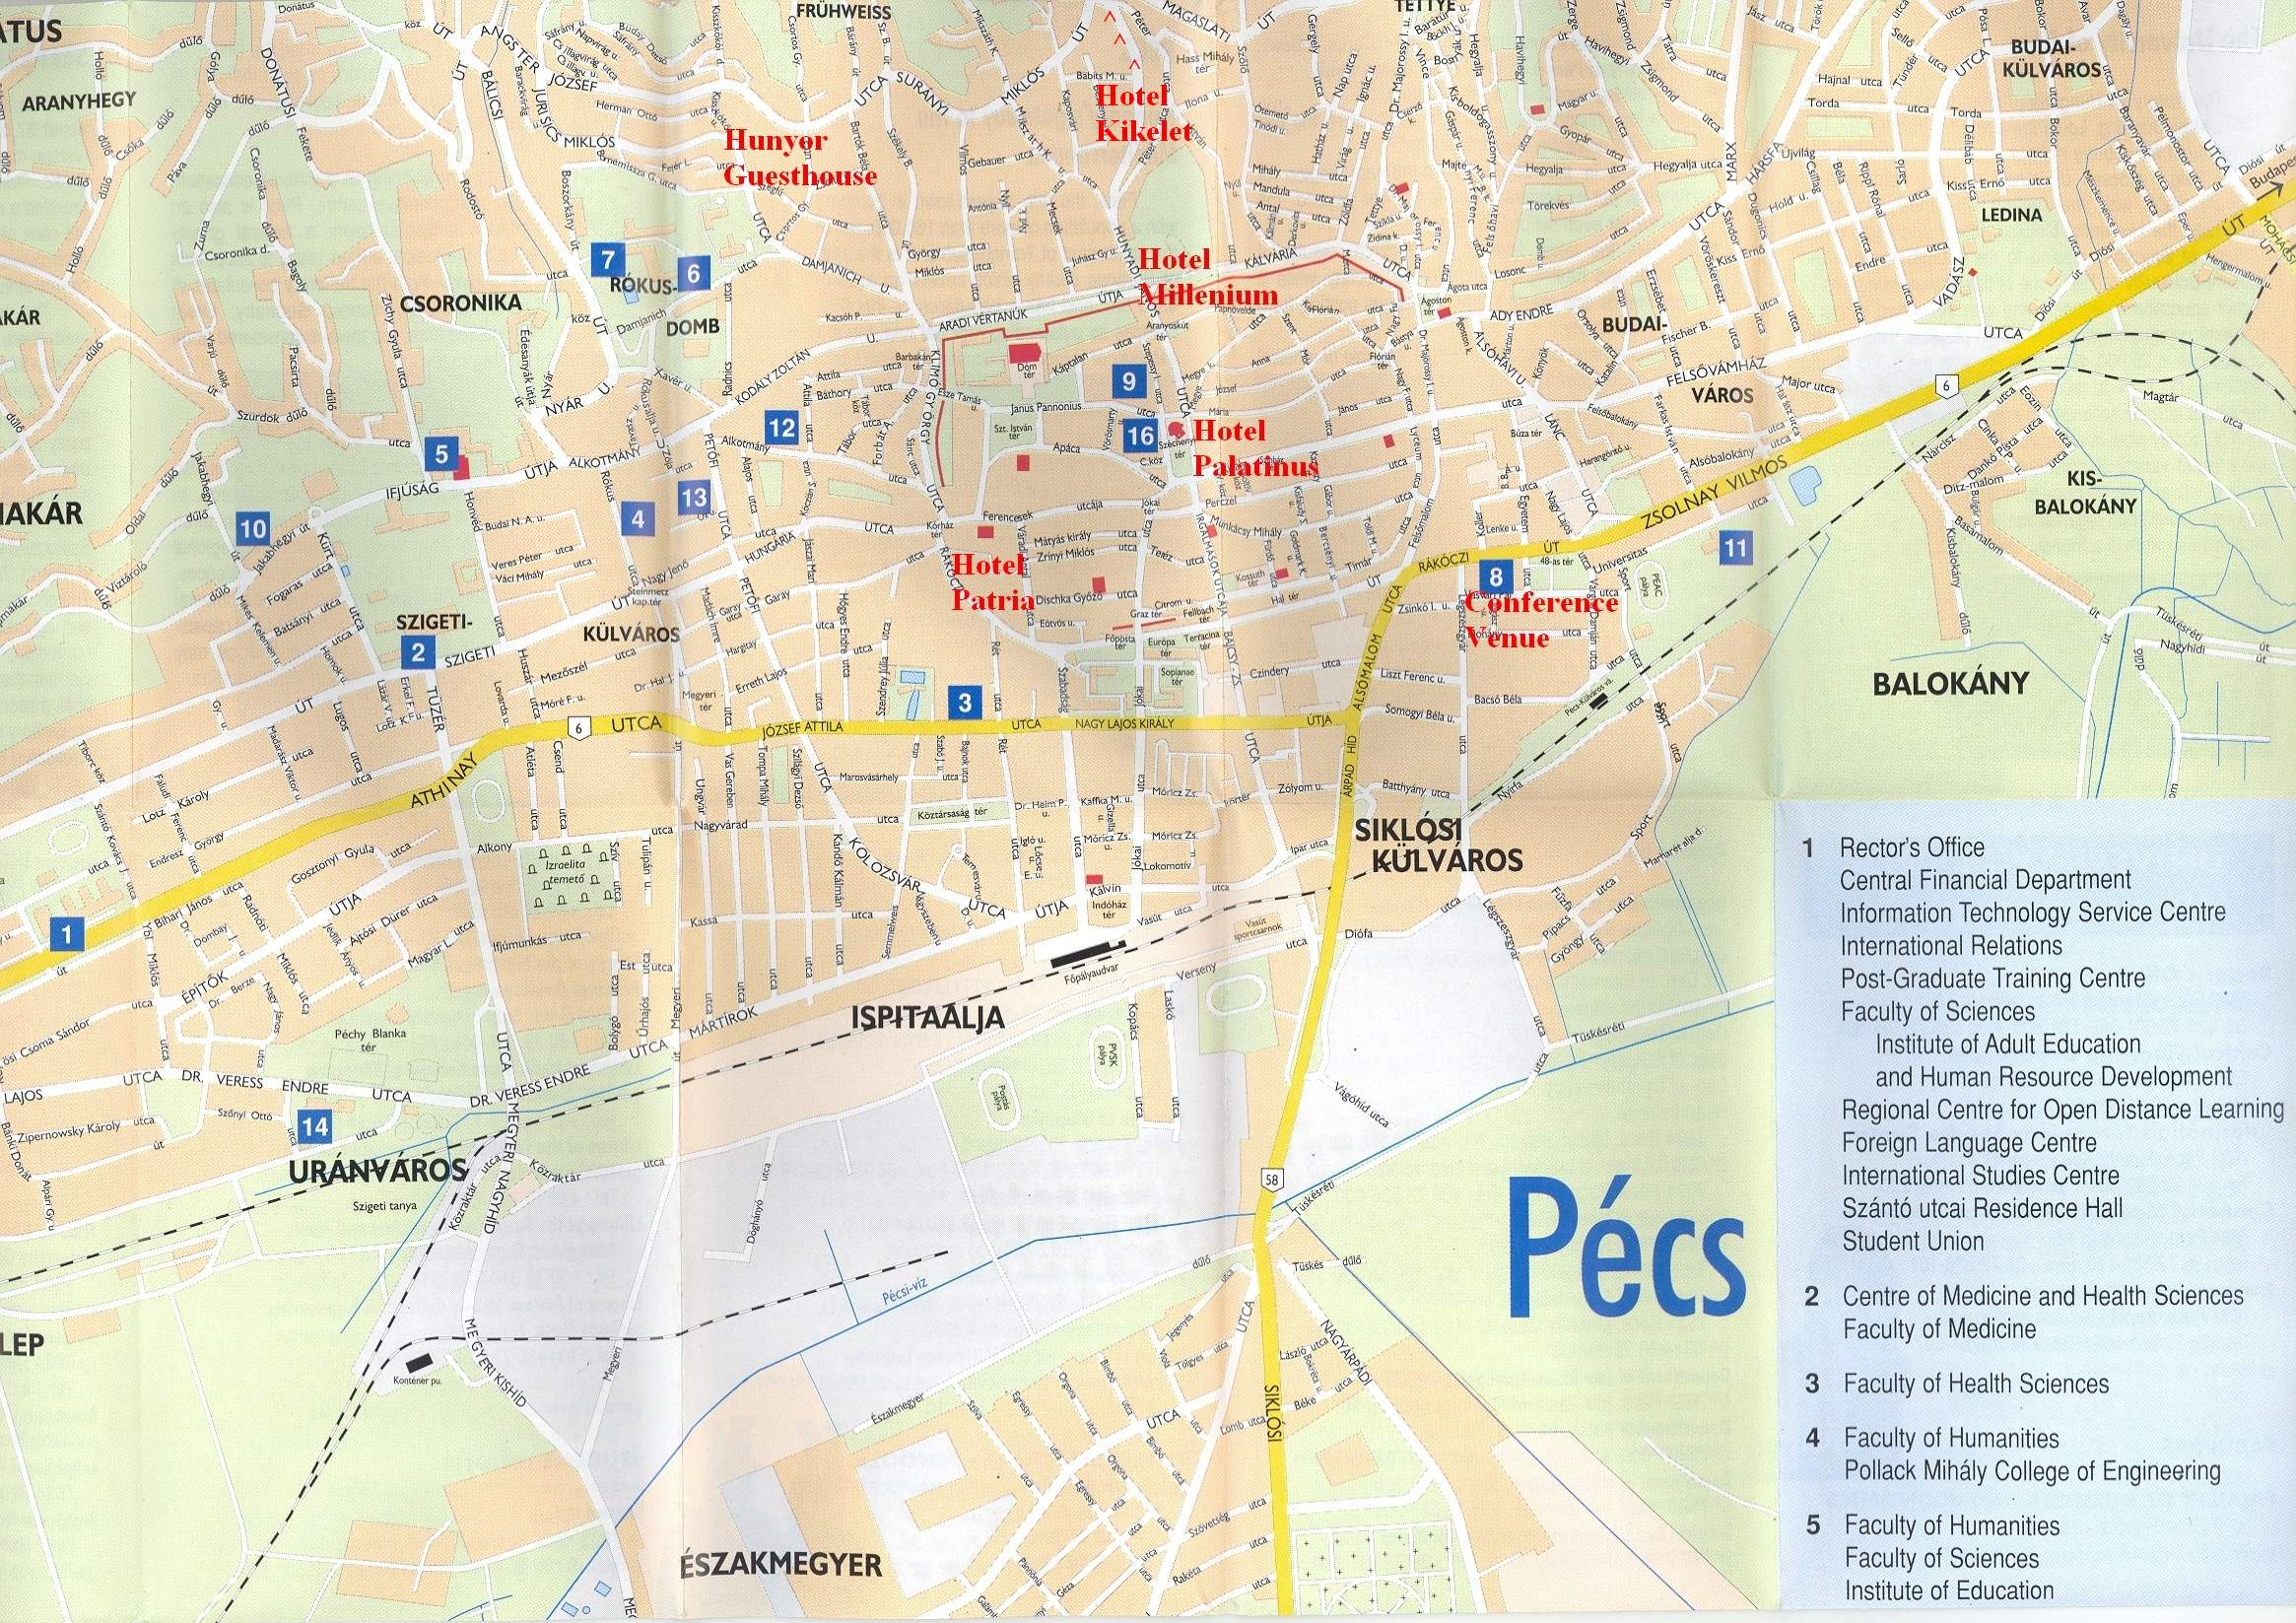 匈牙利貝赤地图